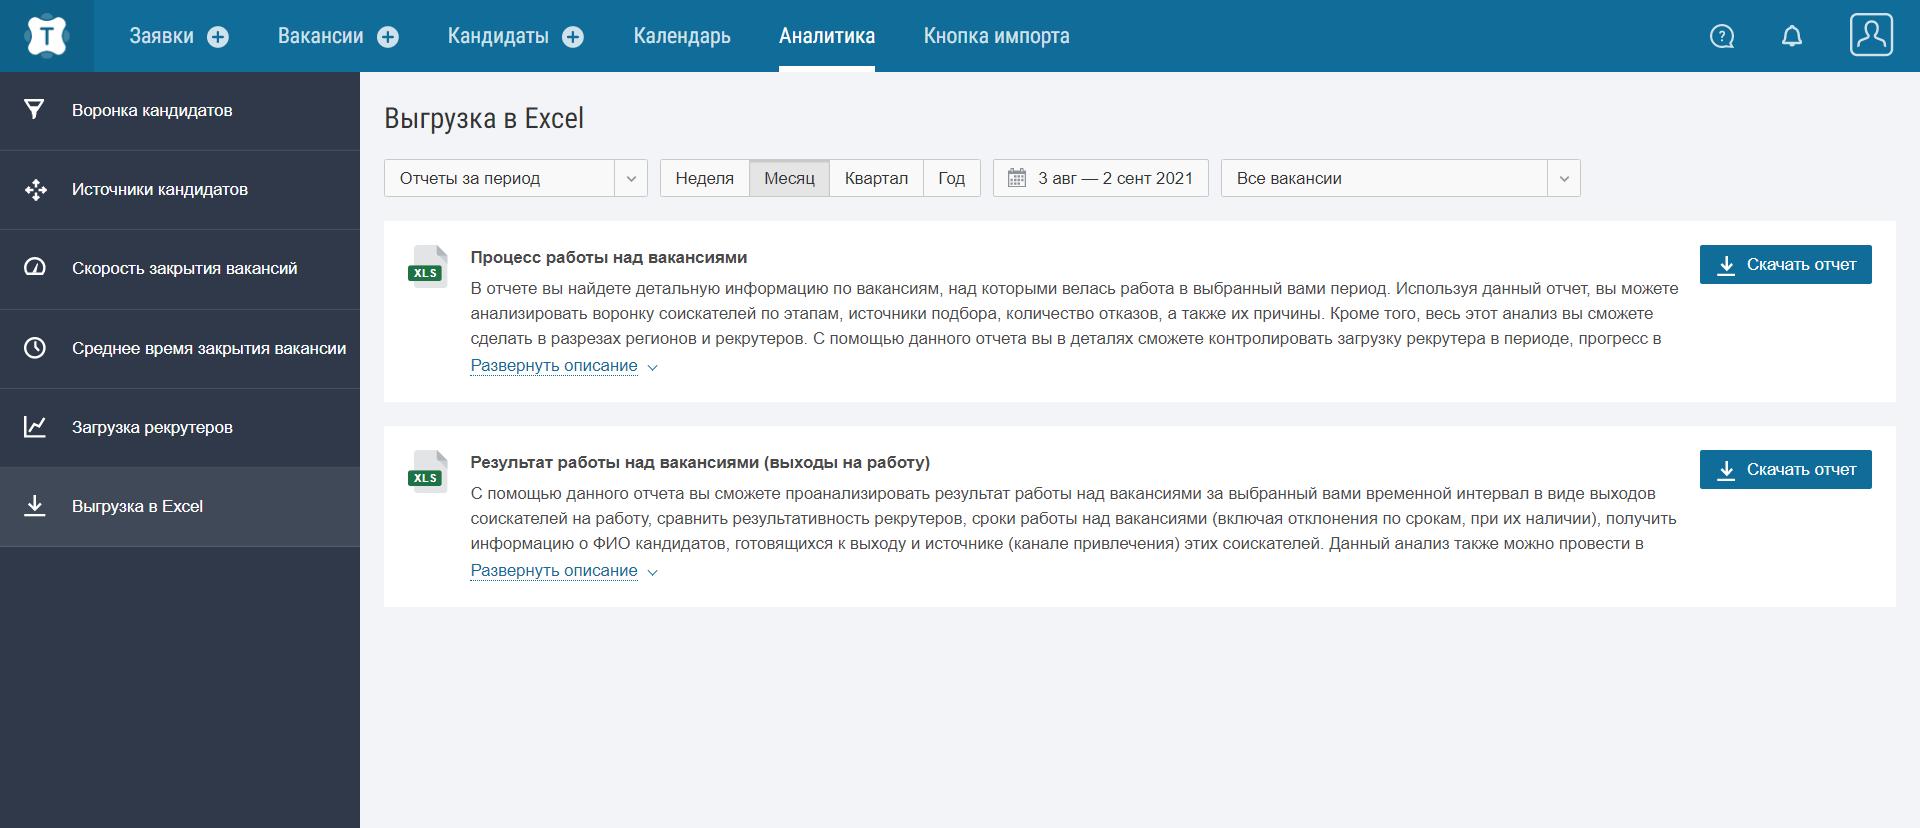 Что нового в Talantix: изменения в законе о персональных данных, HR-аналитика по работе над вакансиями